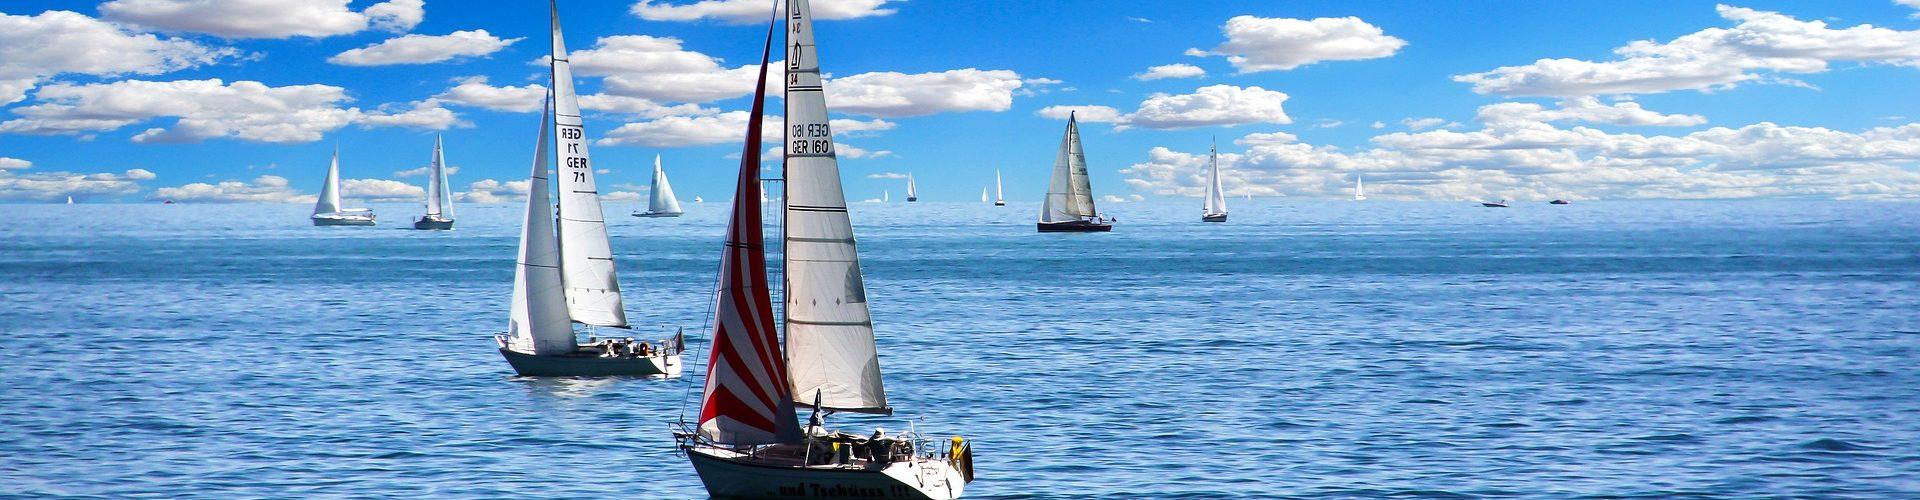 segeln lernen in Plaue segelschein machen in Plaue 1920x500 - Segeln lernen in Plaue